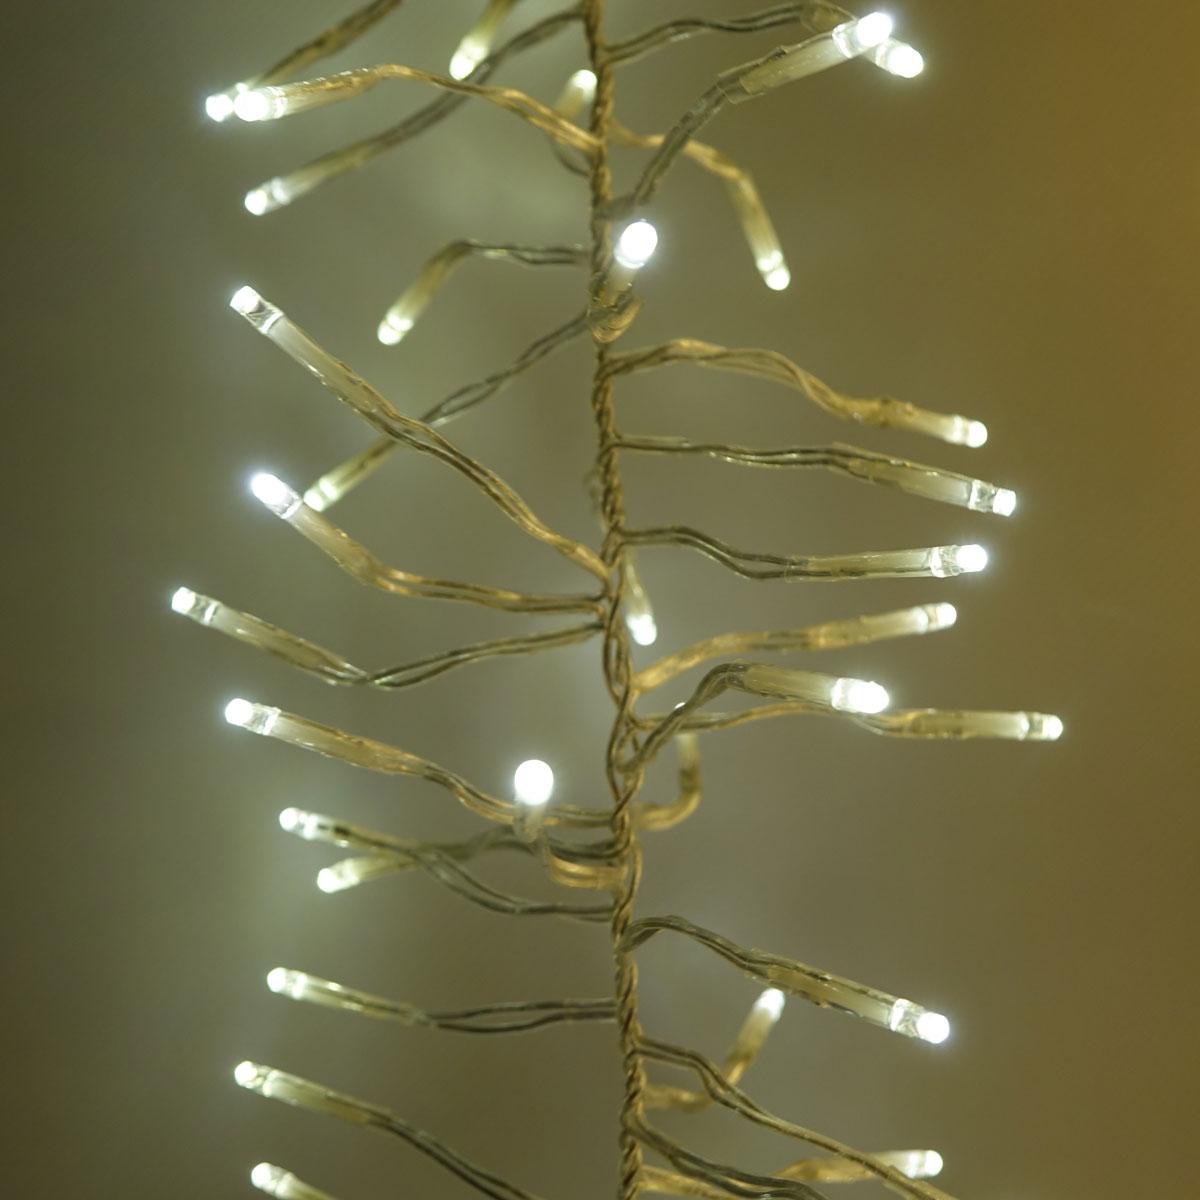 Büschellichterkette als transparente Igellichterkette